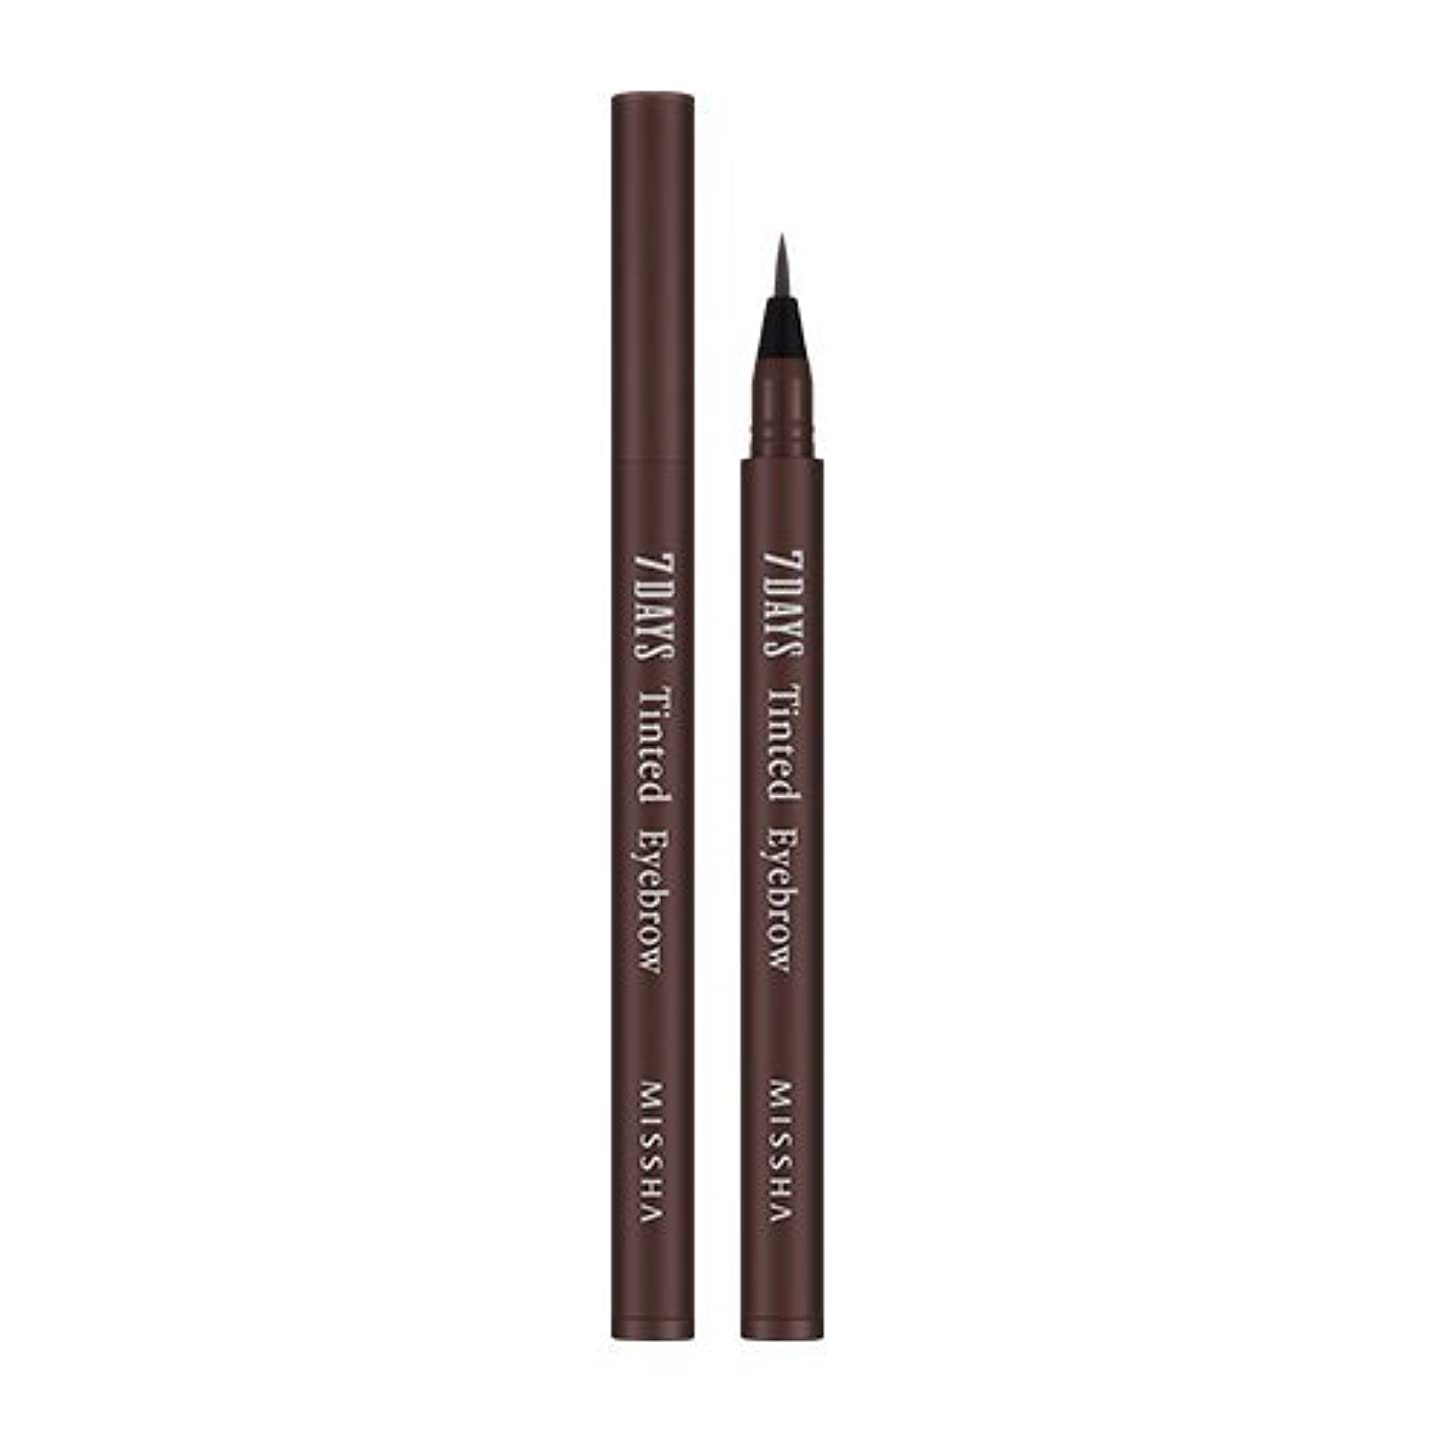 販売計画借りる雄大なMISSHA Seven Days Tinted Eye Brow 0.8ml (#01 Maroon Brown)/ミシャ セブンデイズ ティンテッド アイブロウ 0.8ml (#01 Maroon Brown)